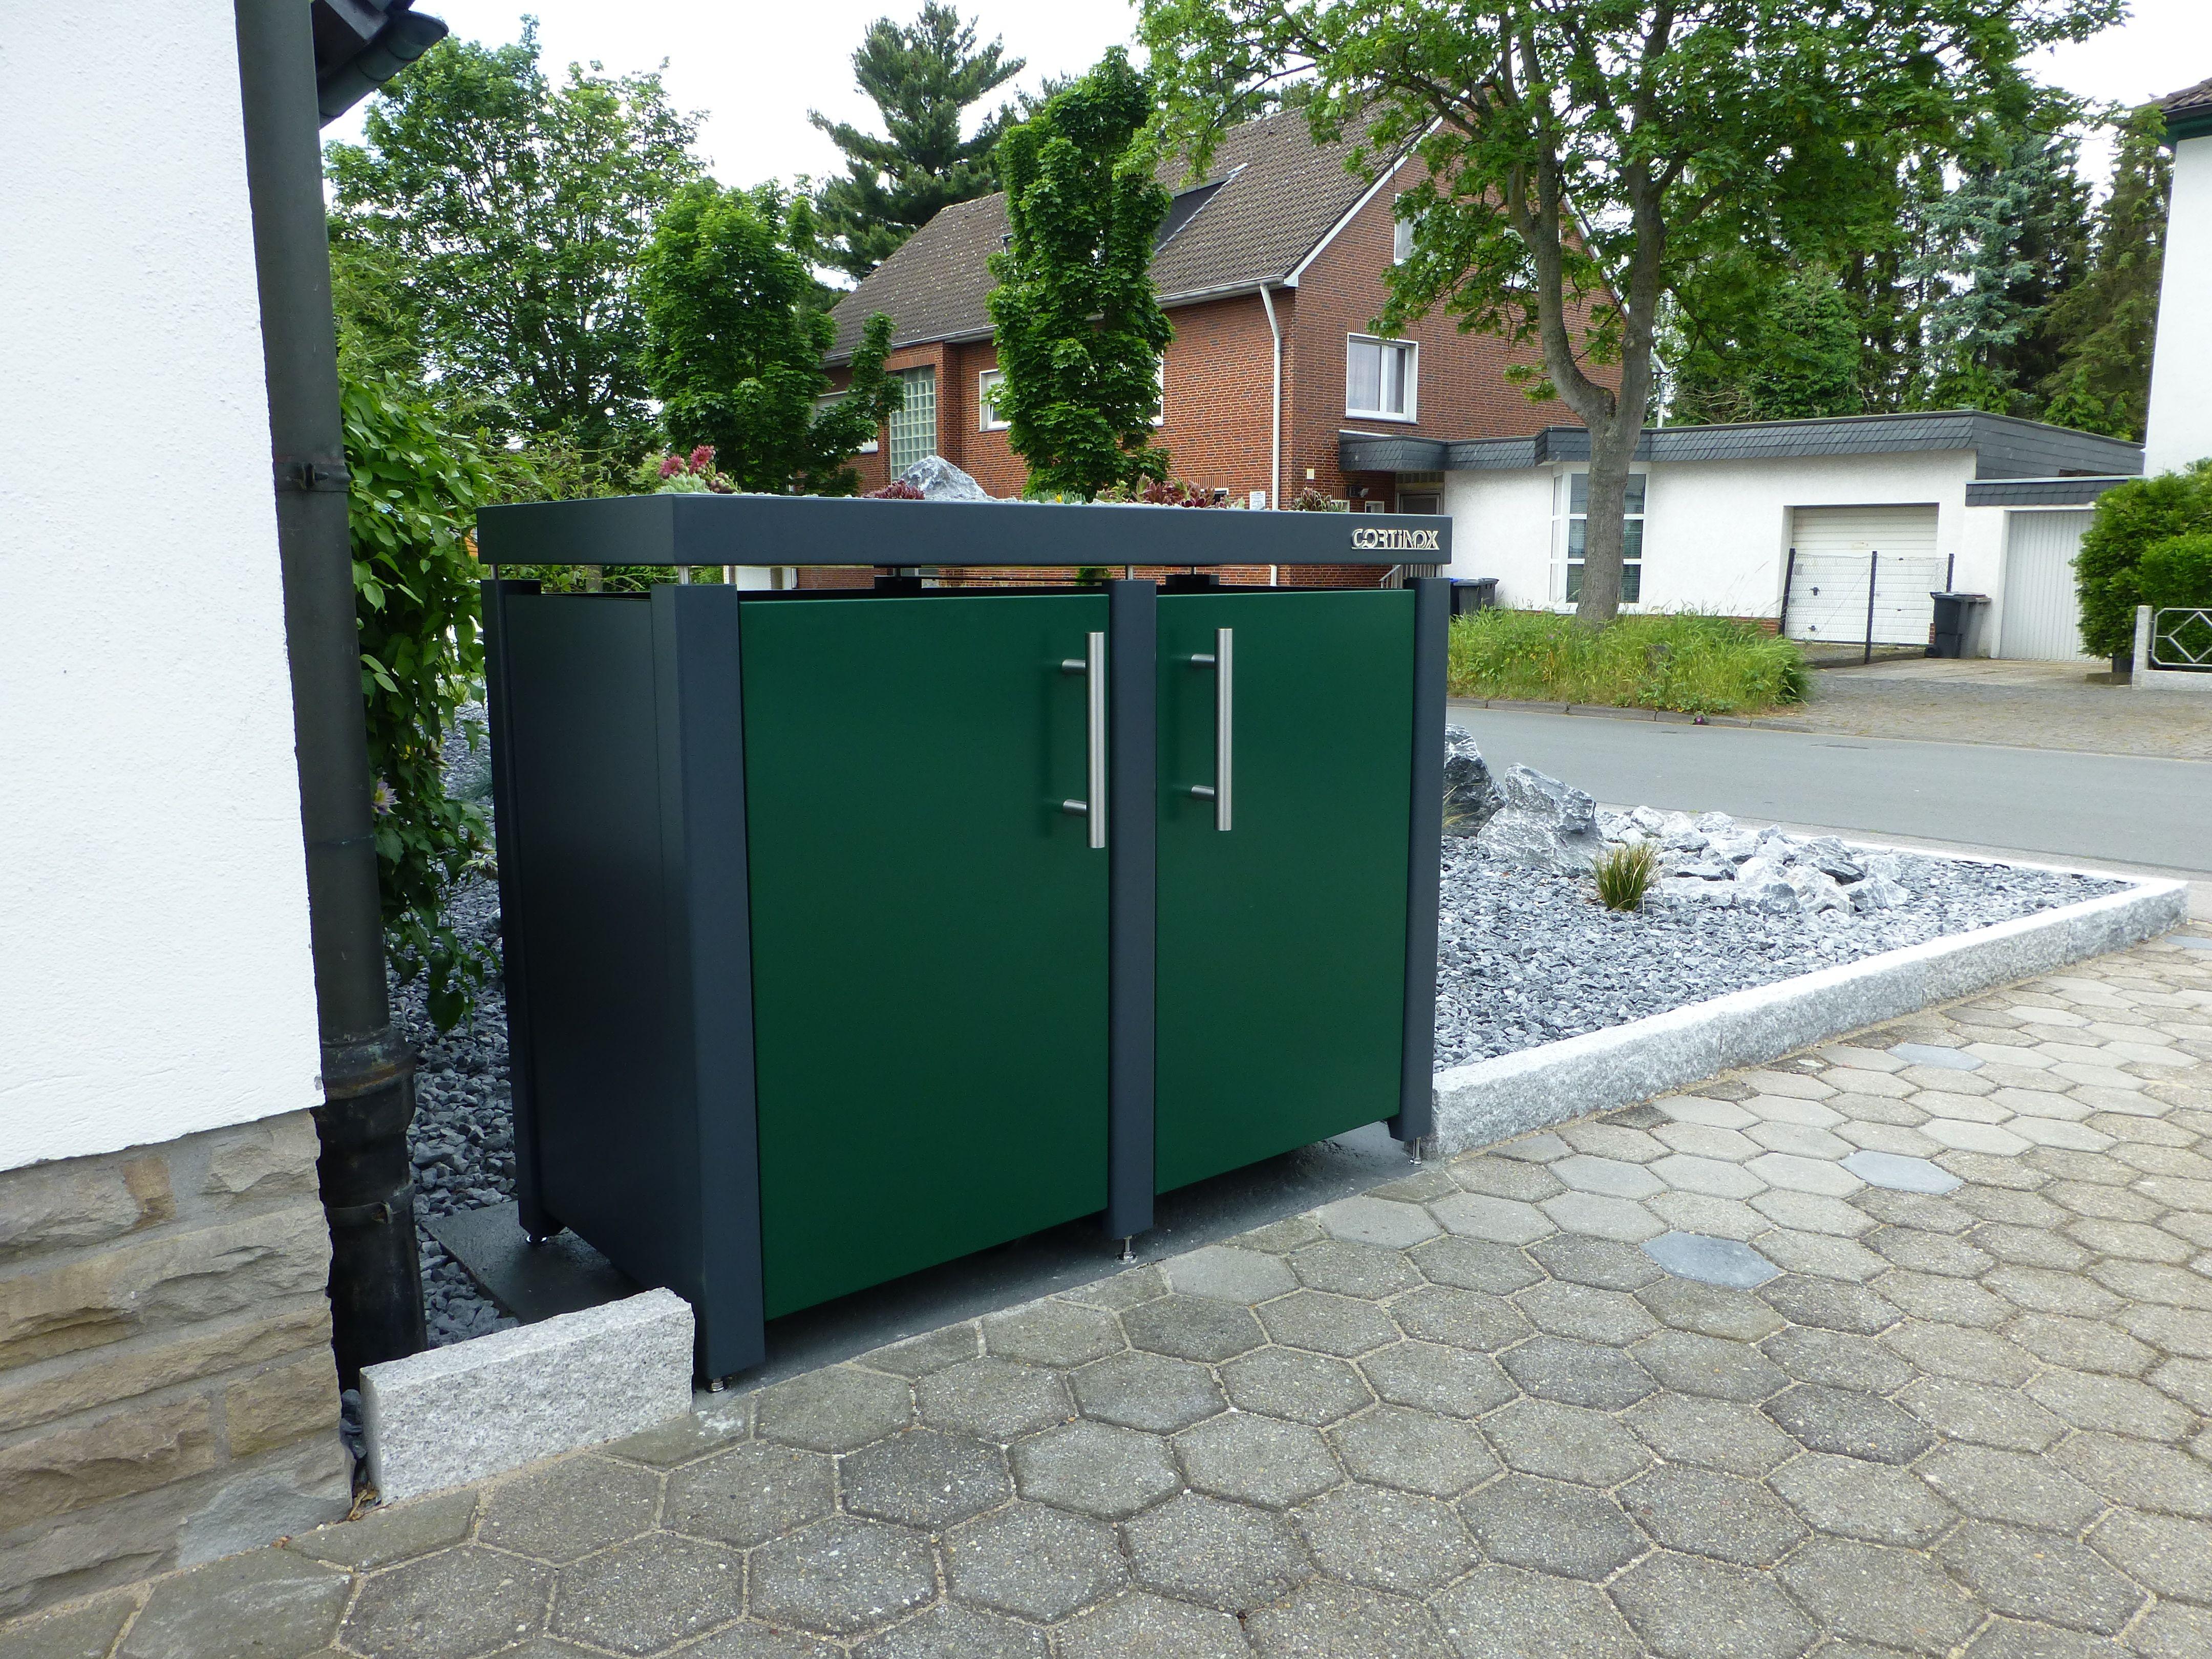 Farbige Mulltonnenbox Kaufen Mulltonnenbox Anthrazit Grau Weiss In 2020 Mulltonnenbox Dachformen Mulltonnen Verkleidung